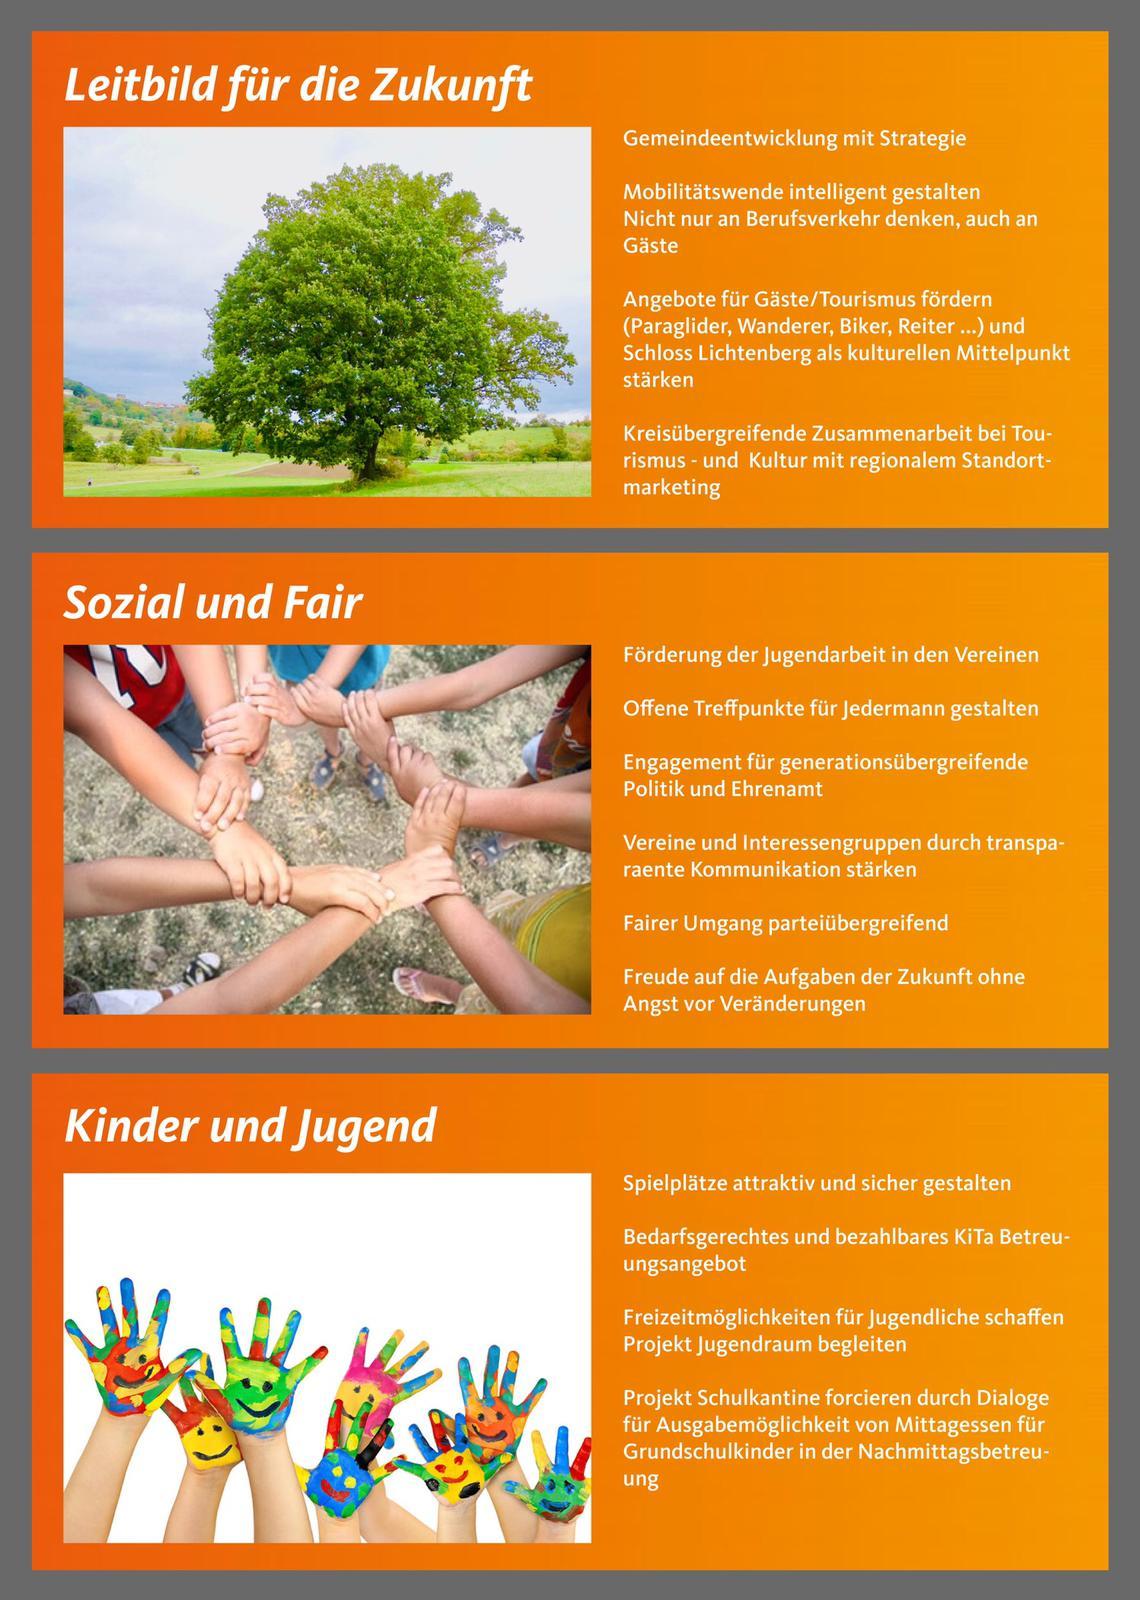 Themen: Leitbild für die Zukunft, Sozial und Fair, Kinder und Jugend